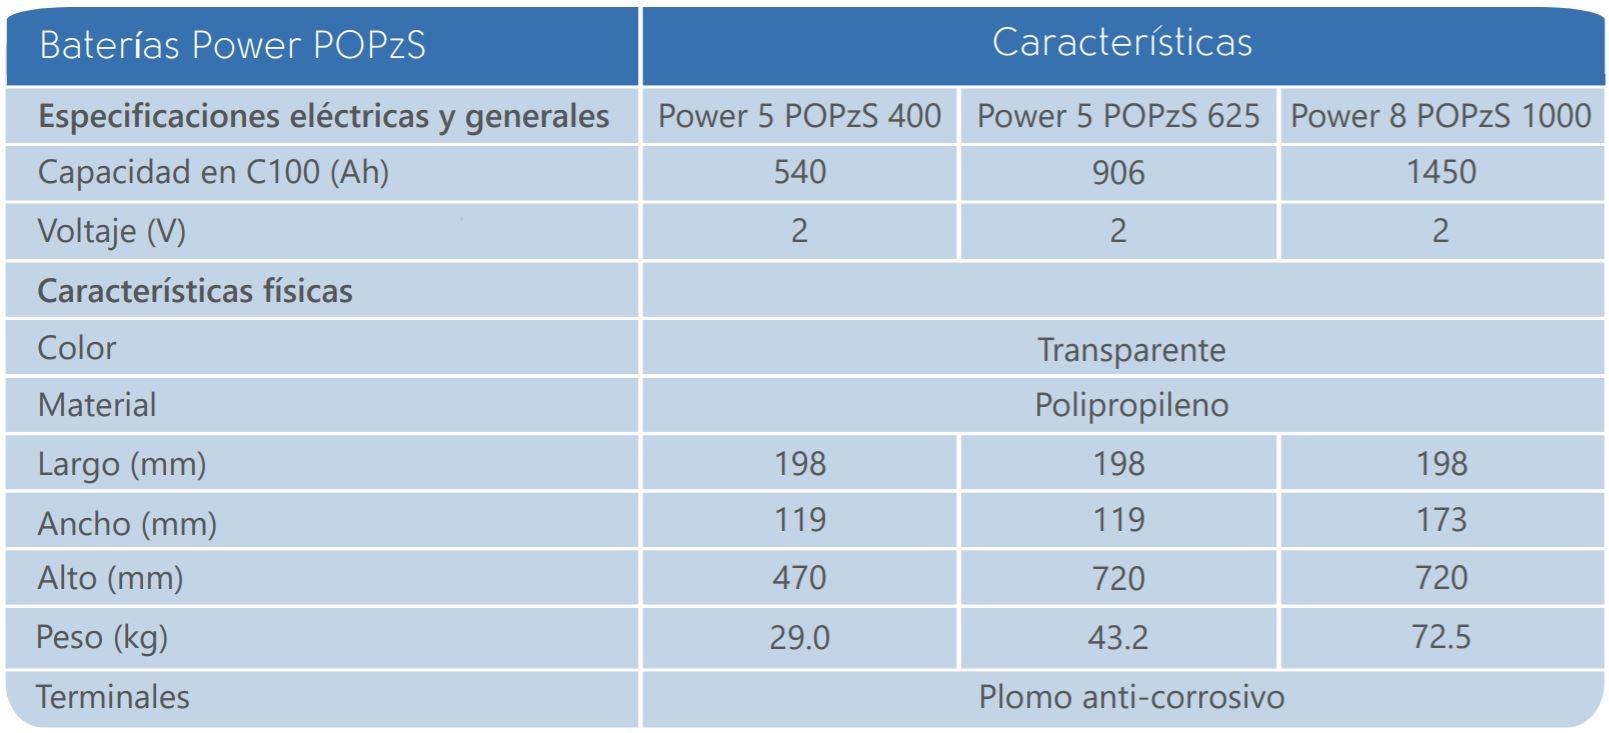 Batería estacionaria solar POPzS Power SCL